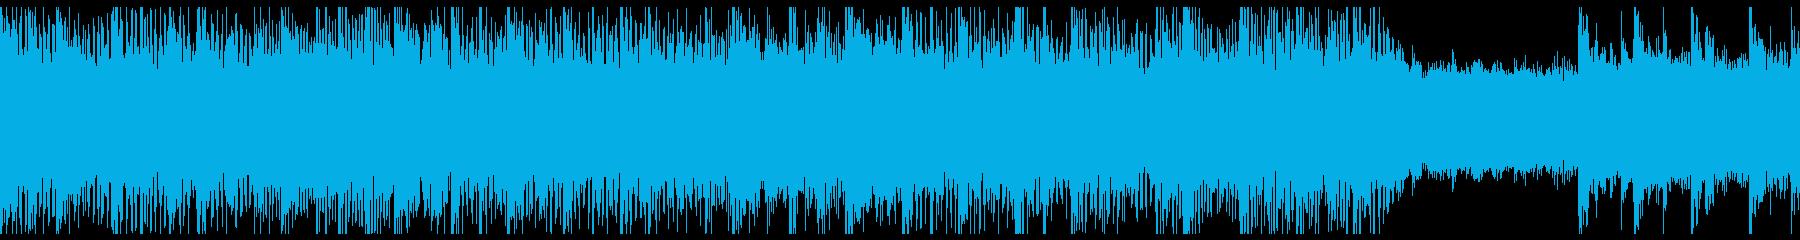 疾走感あるギターリフ Loop可能の再生済みの波形